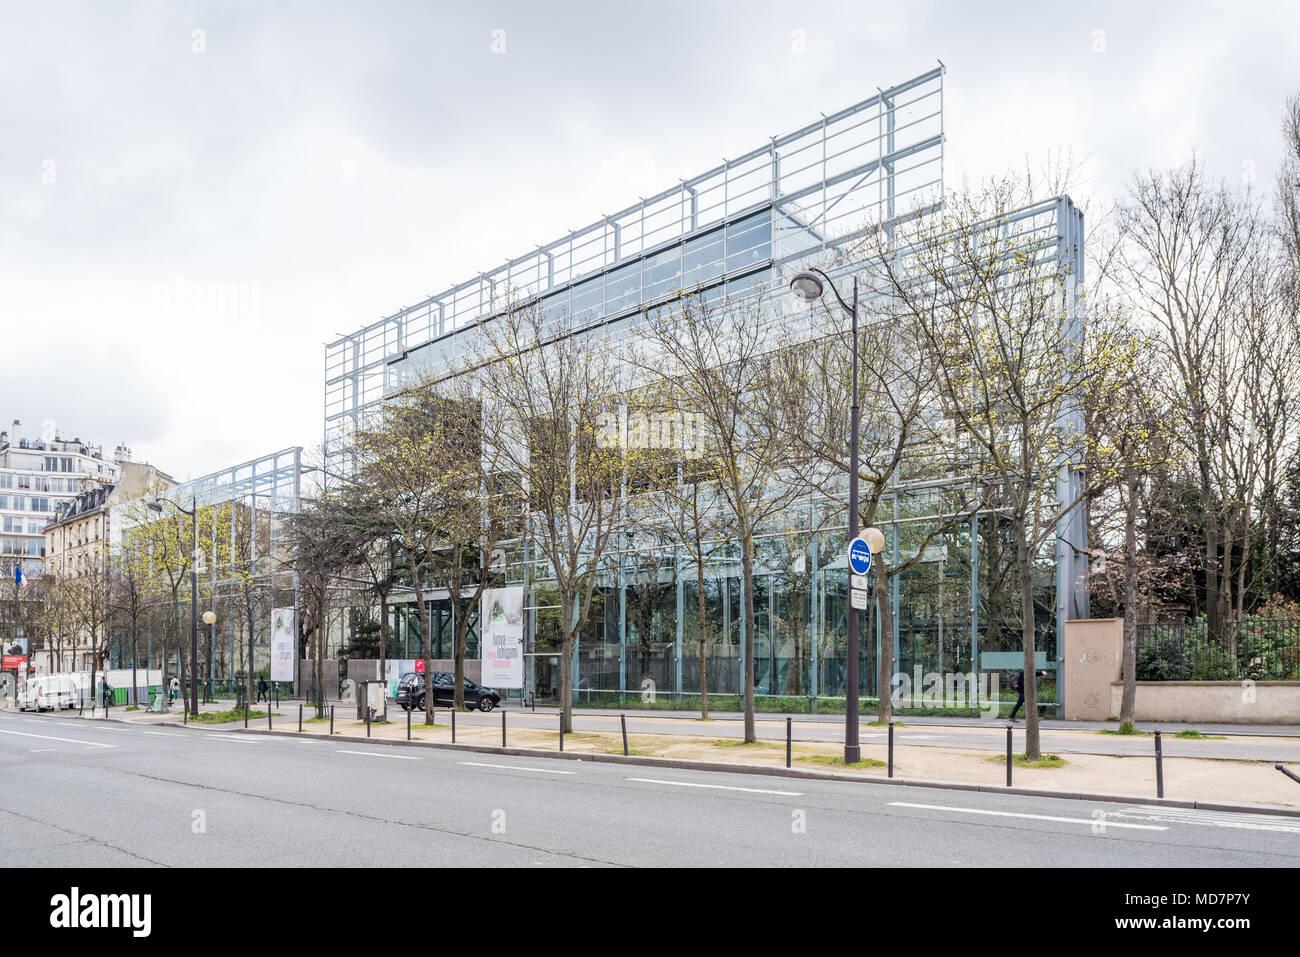 France, Paris - 5 April 2018: Fondation Cartier pour l'art contemporain designed by French architect Jean Nouvel Stock Photo